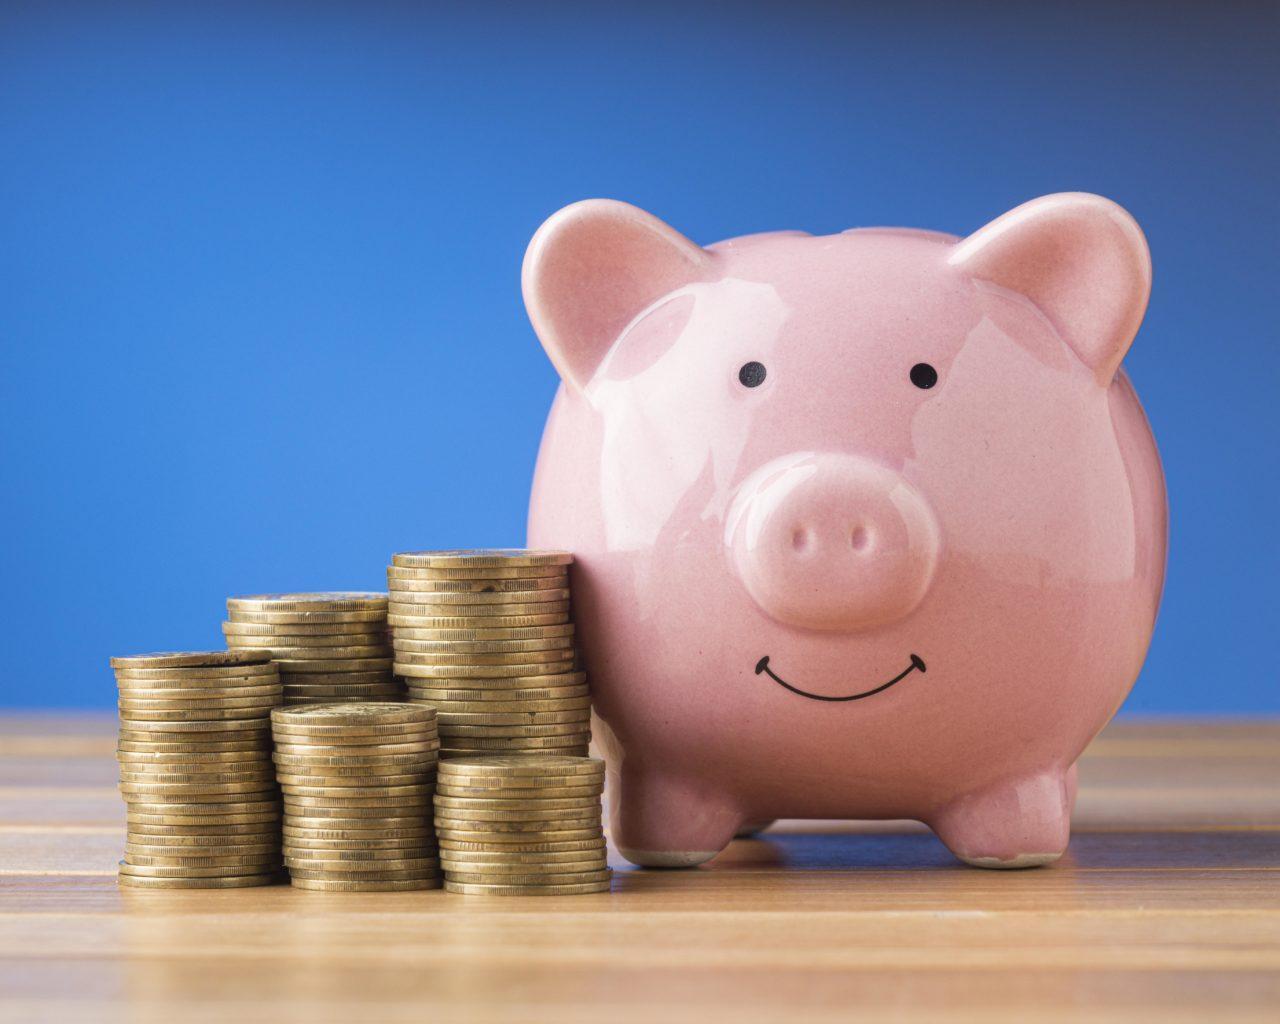 https://www.helden-umzuege.berlin/wp-content/uploads/2021/06/front-view-finance-elements-with-pink-piggy-bank-1280x1024.jpg